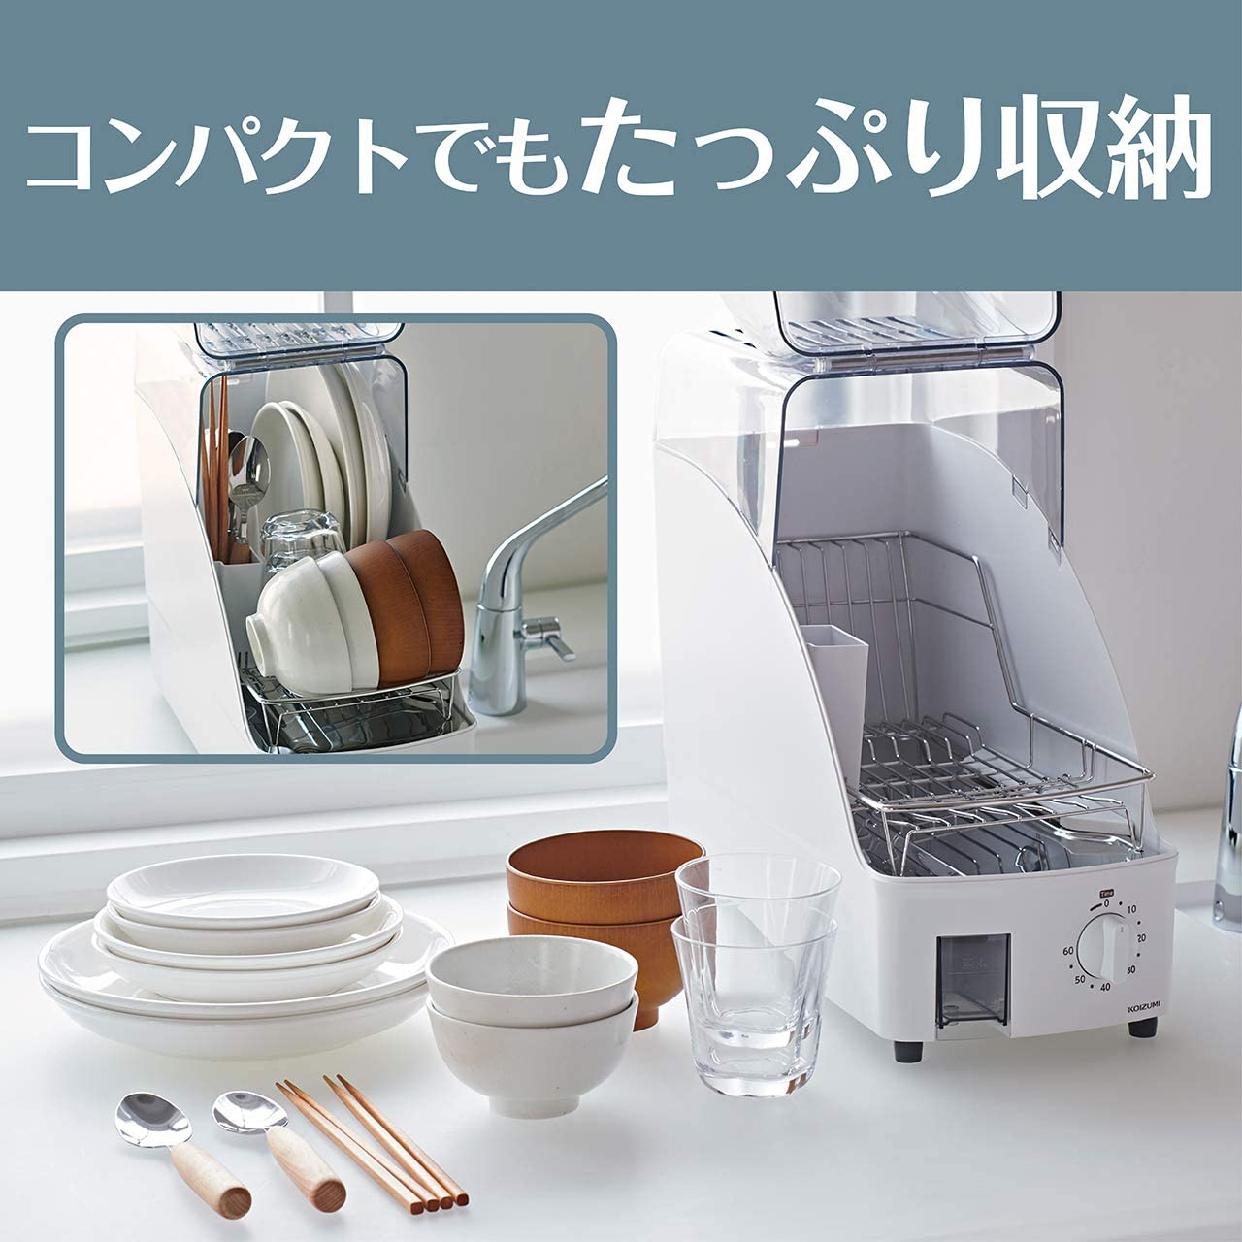 KOIZUMI(コイズミ) 食器乾燥器 KDE-0500の商品画像4